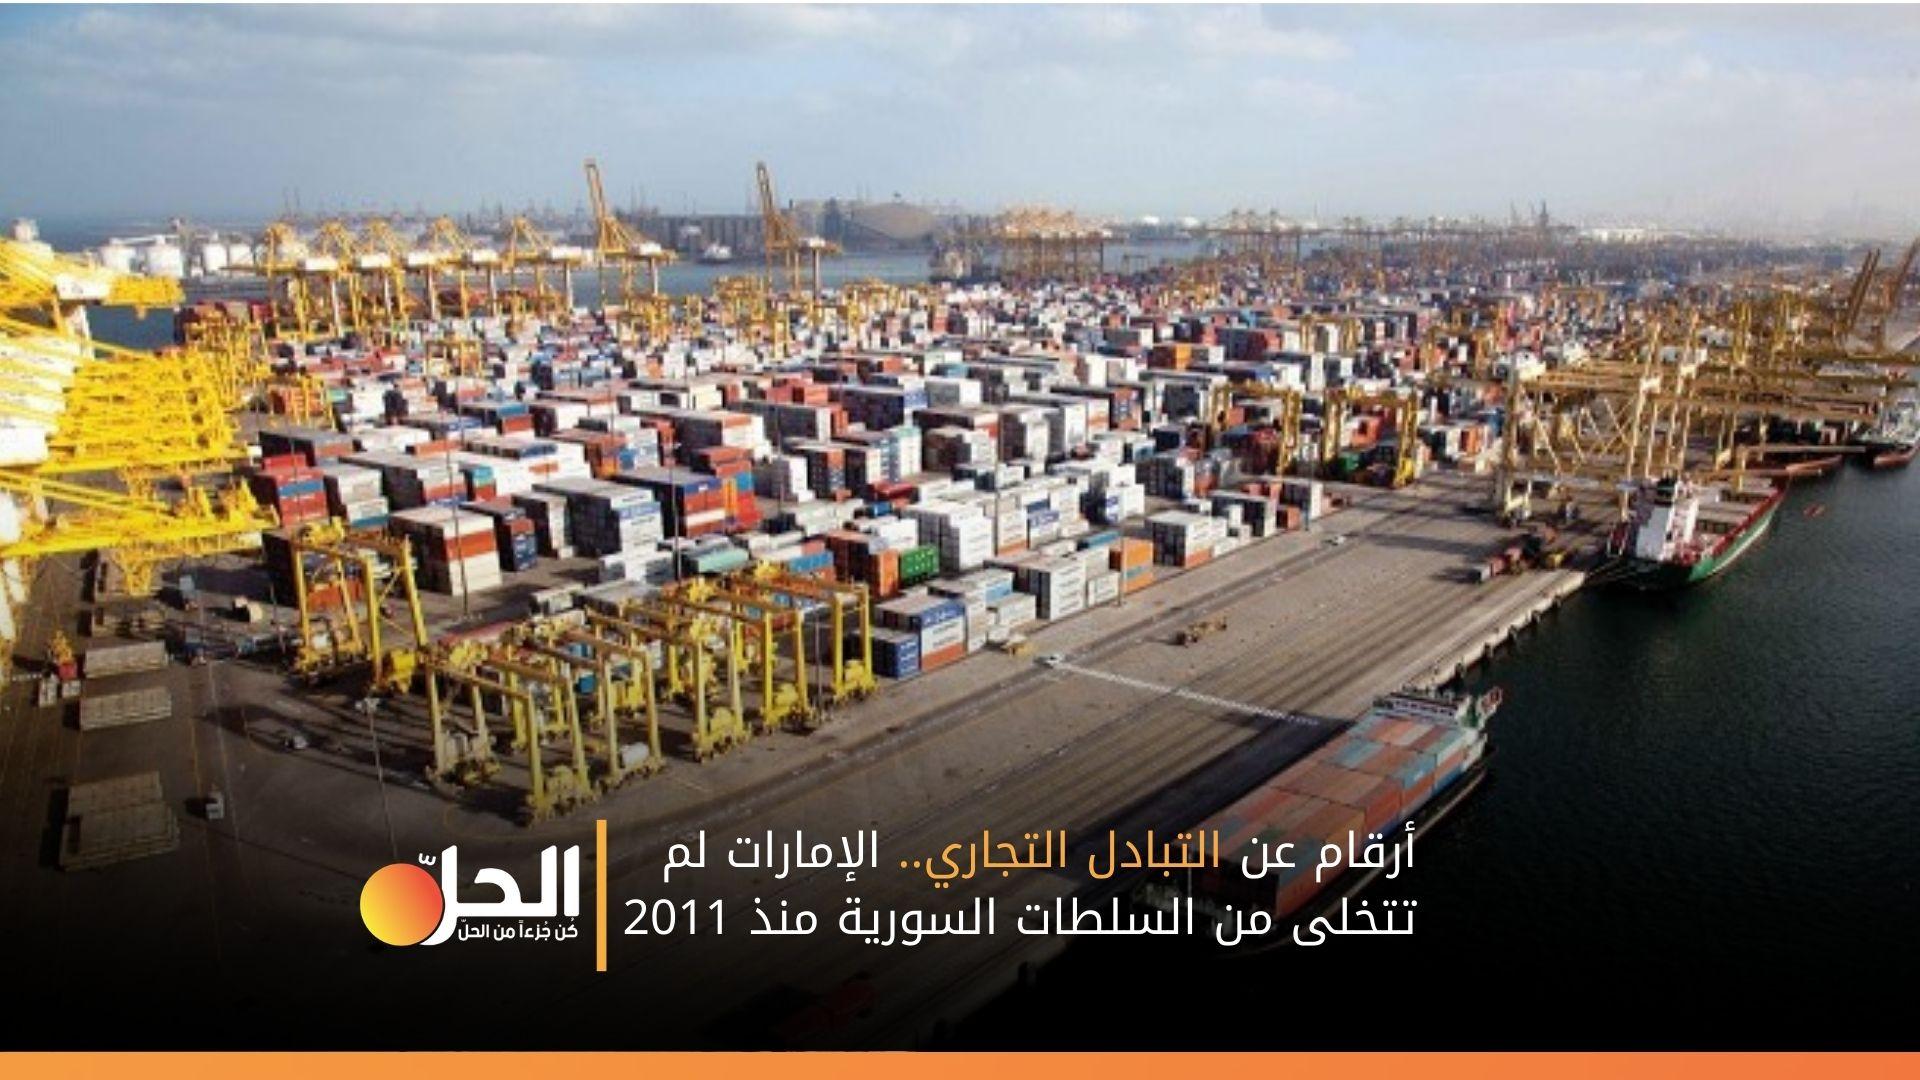 أرقام عن التبادل التجاري.. الإمارات لم تتخلَ عن السلطات السورية منذ 2011